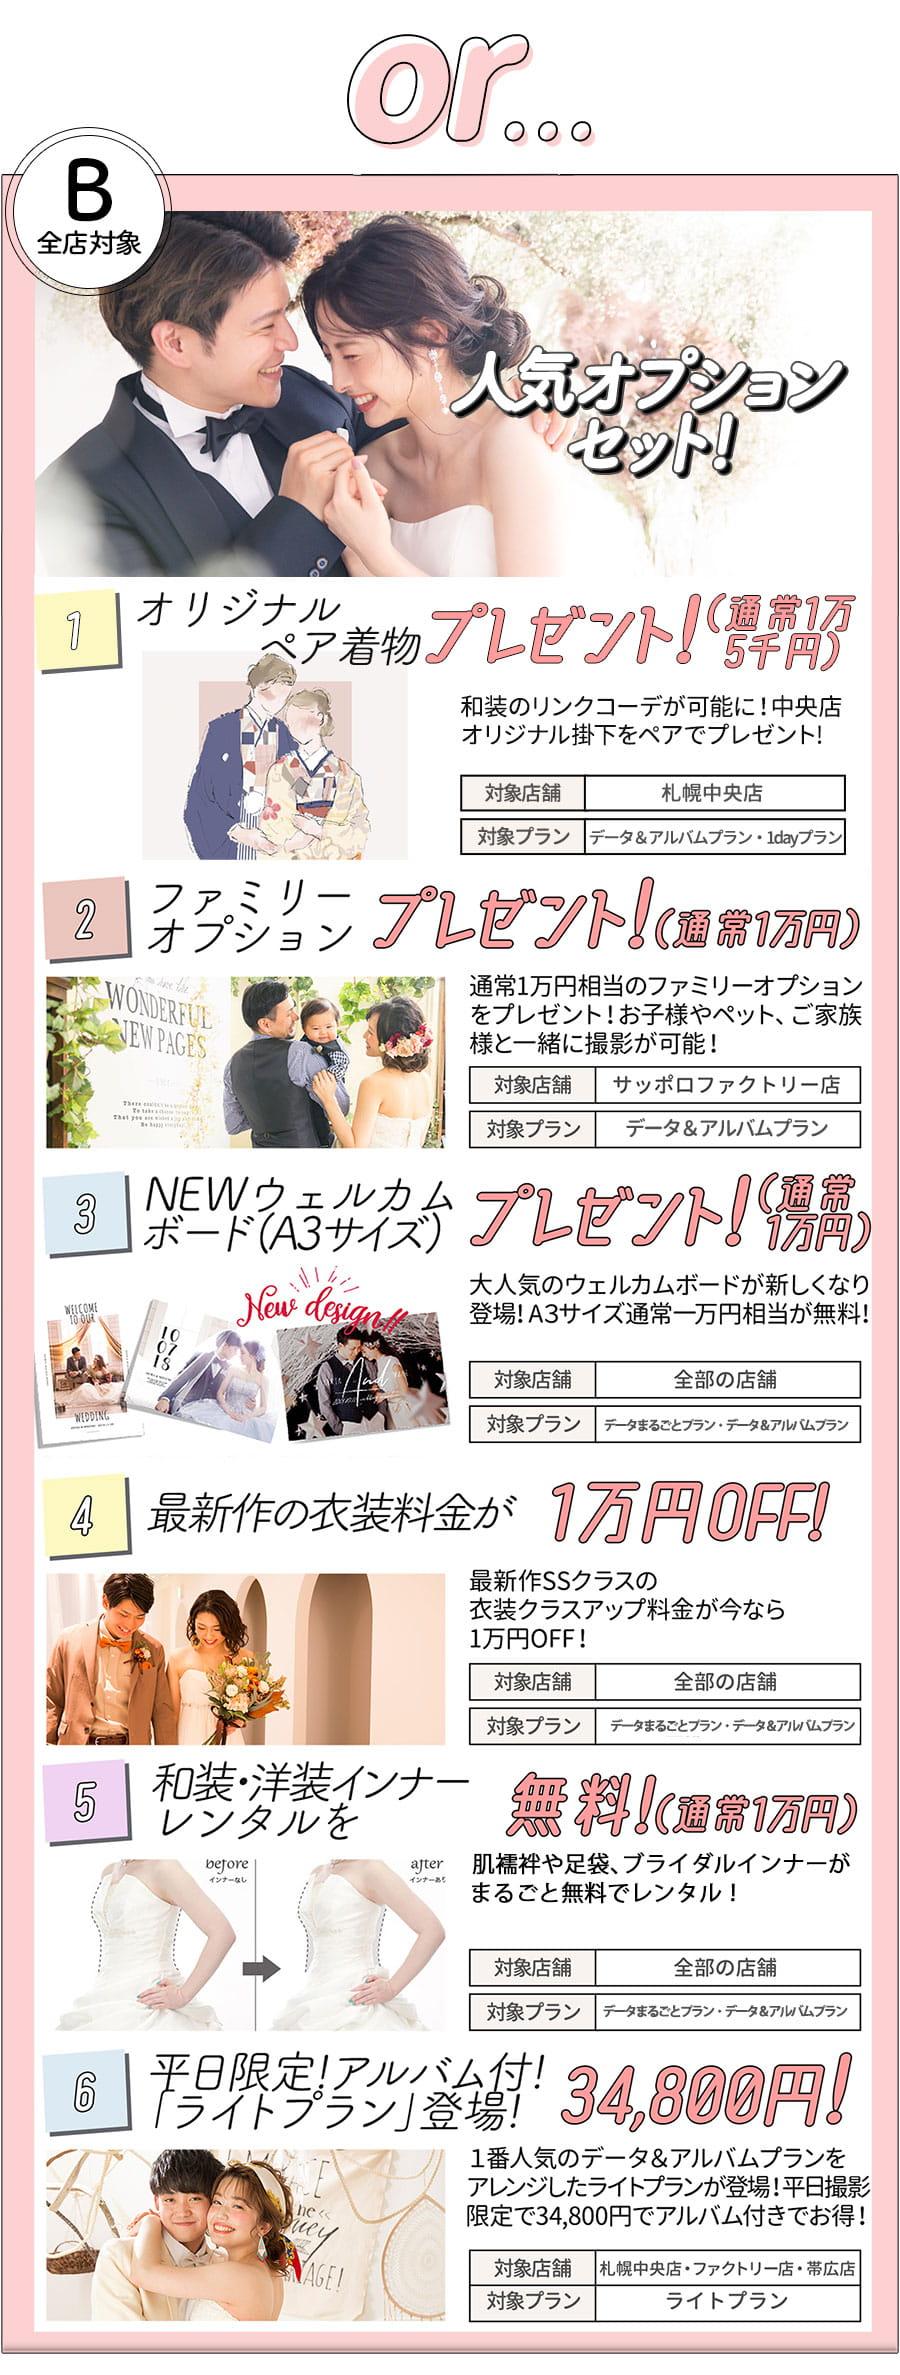 令和3年3月ぱれっと婚礼キャンペーン02